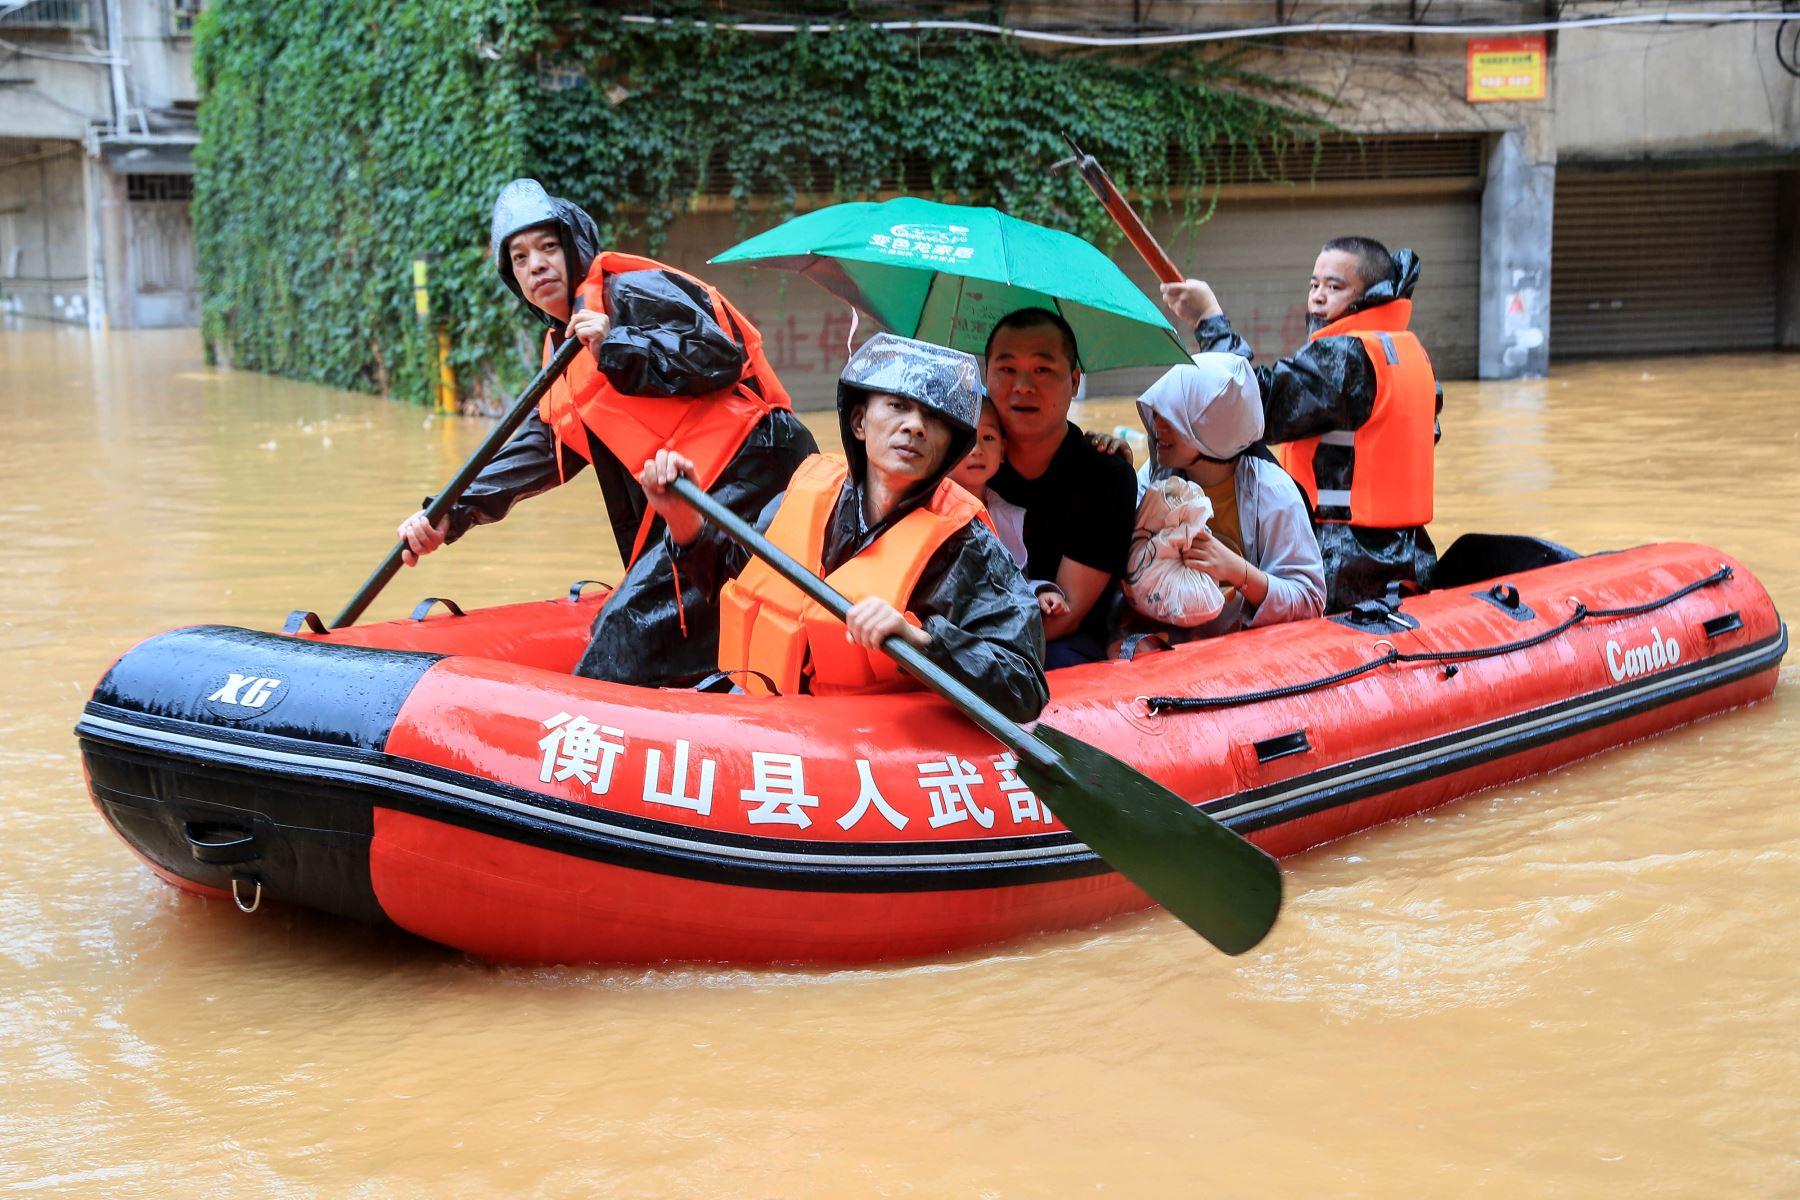 Rescatistas evacuan a las personas de un área inundada después de fuertes lluvias en Hengyang, en la provincia central de Hunan, China. Foto: AFP